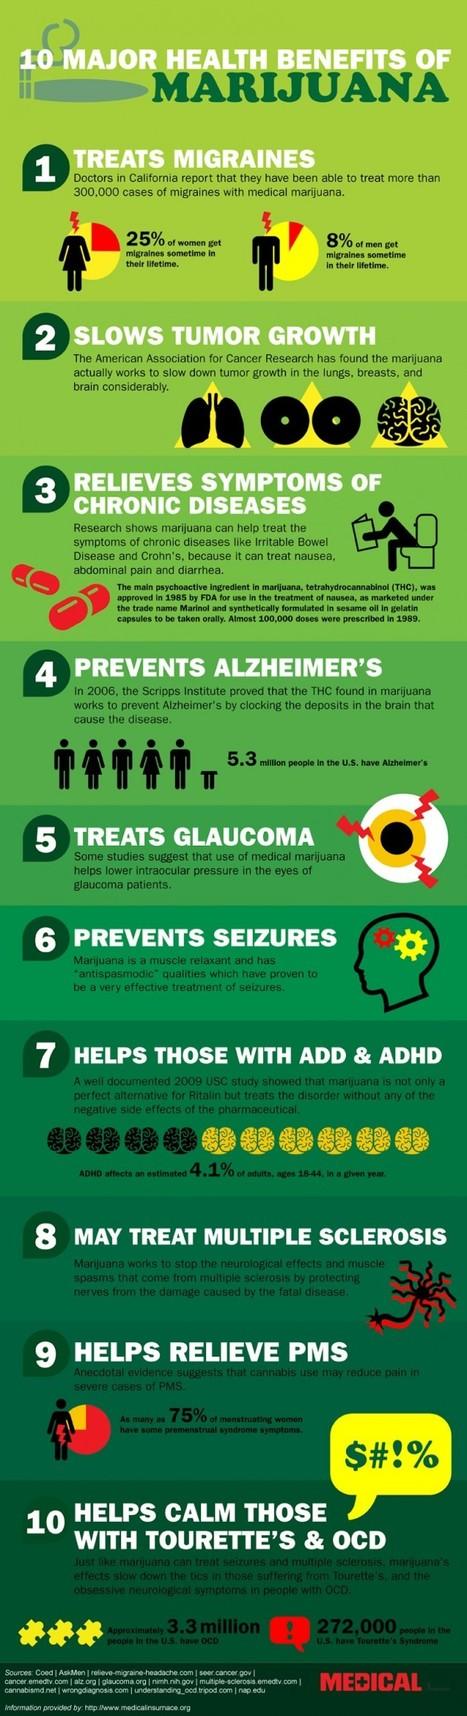 10 Major Health Benefits of Marijuana | Zazen Life | CognitiveScience | Scoop.it